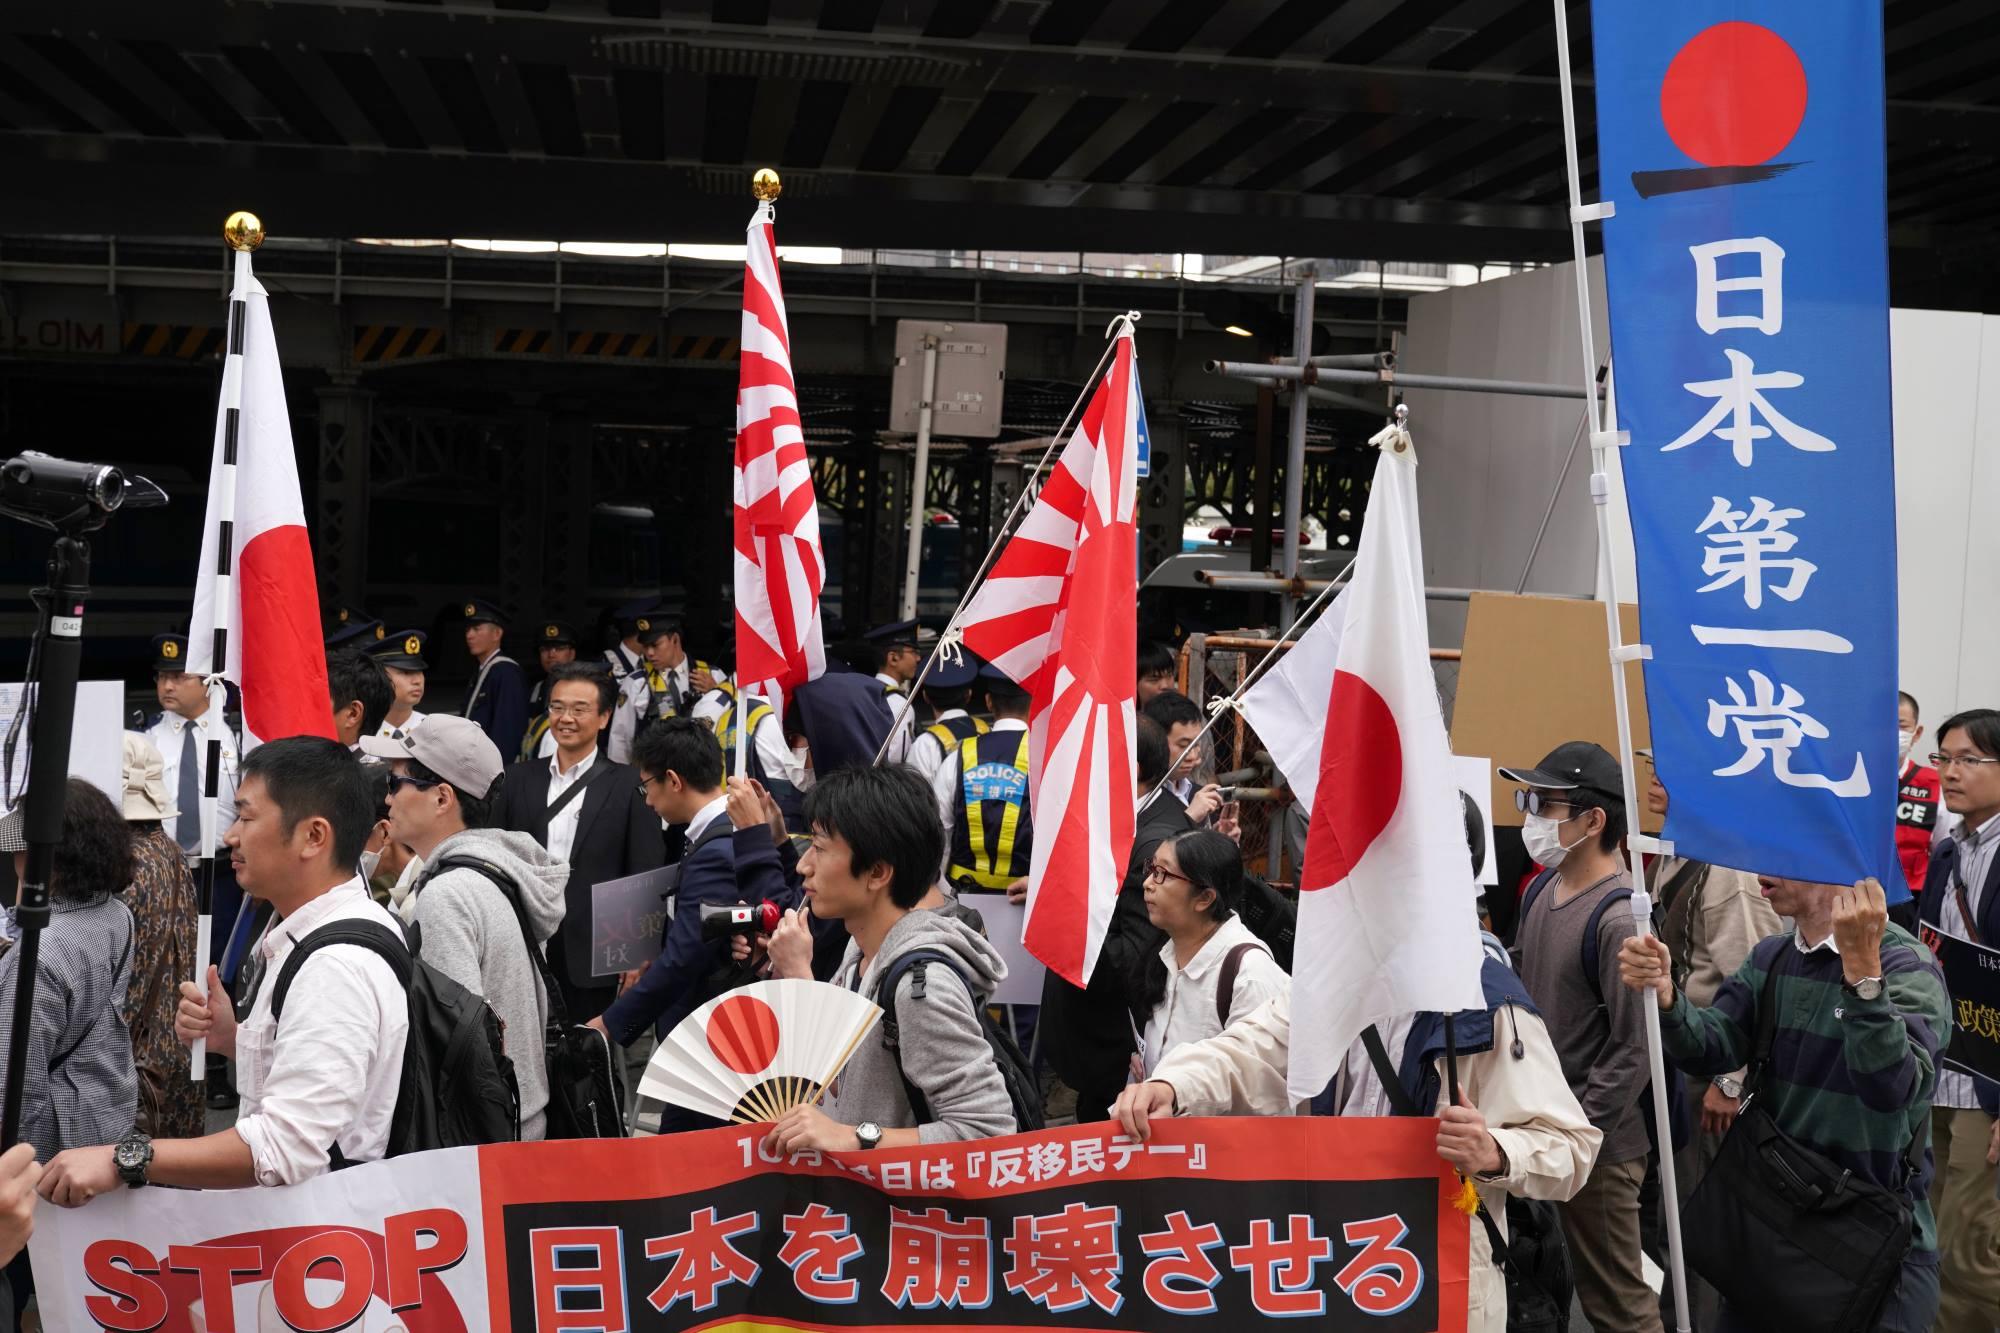 احتجاجات ضد تغيير قانون الهجرة باليابان